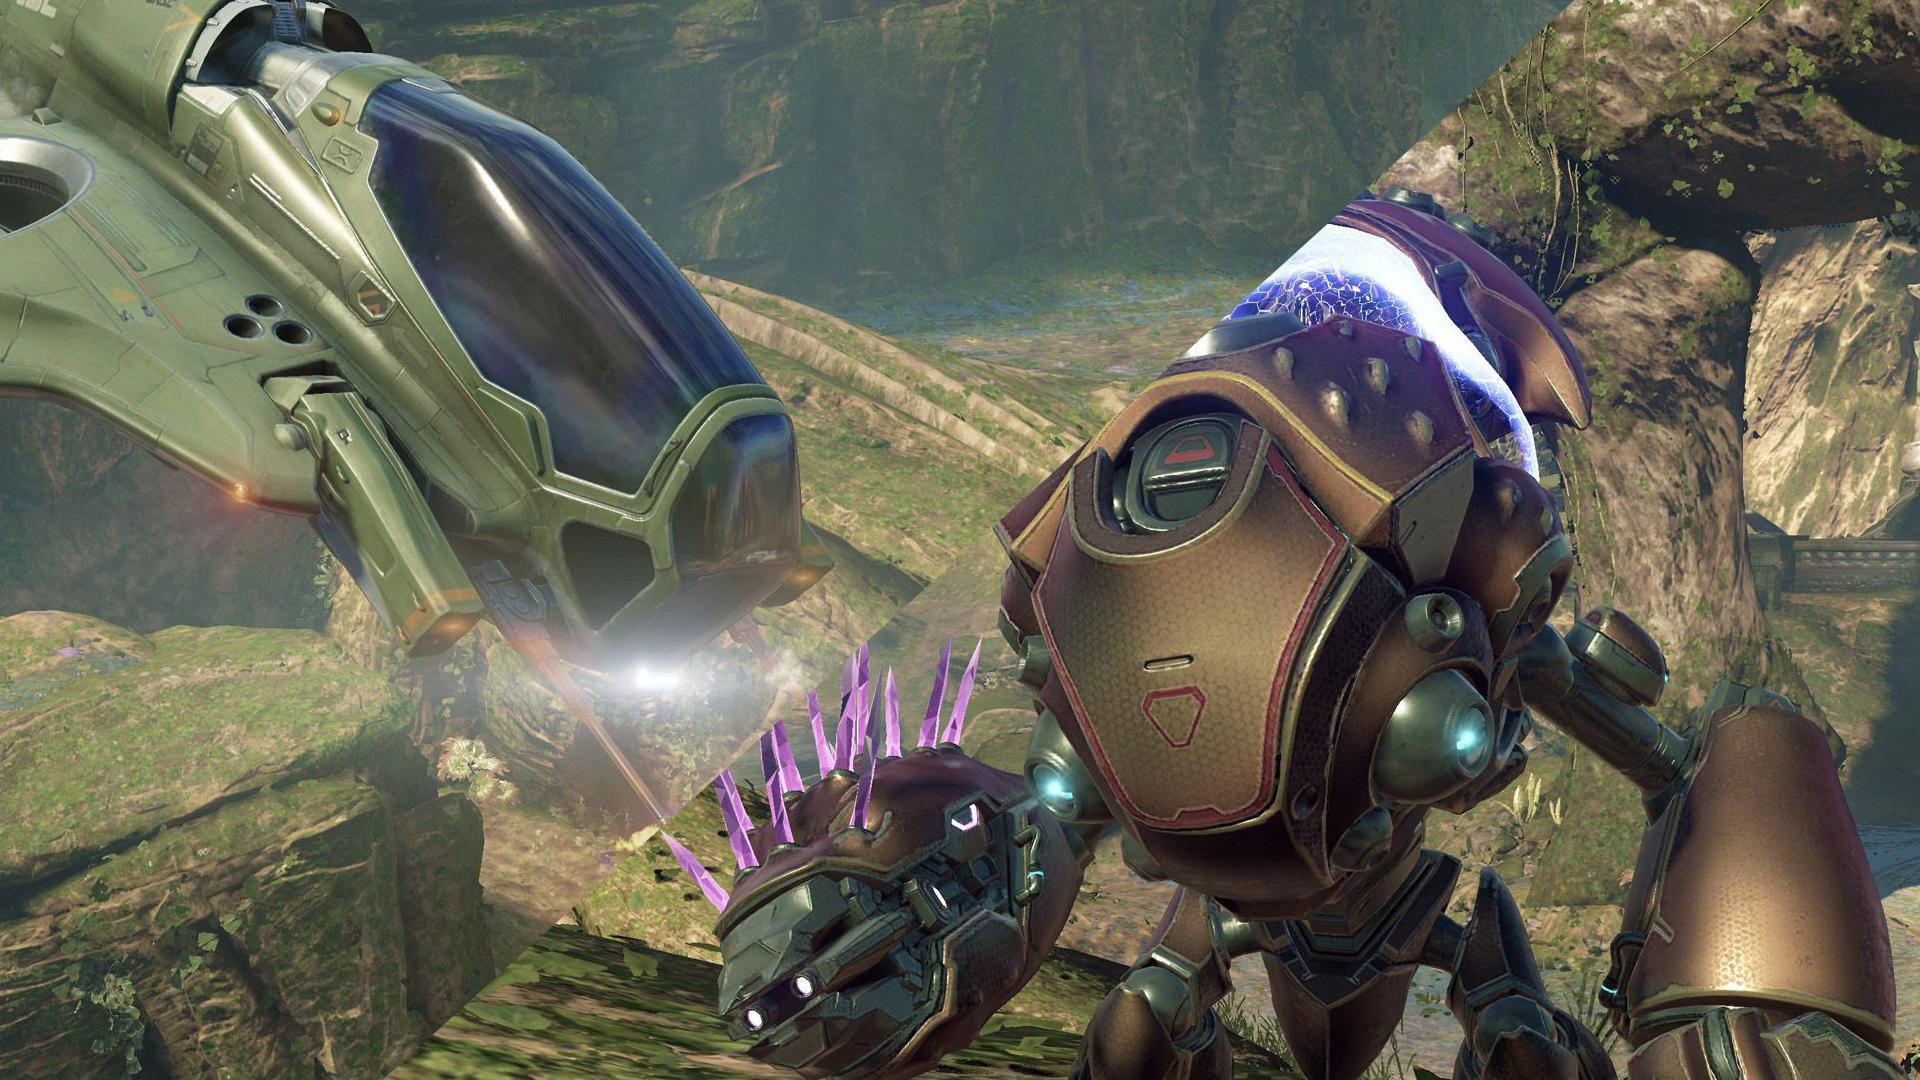 Grunt Goblin y Wasp: Nuevo contenido para Halo 5